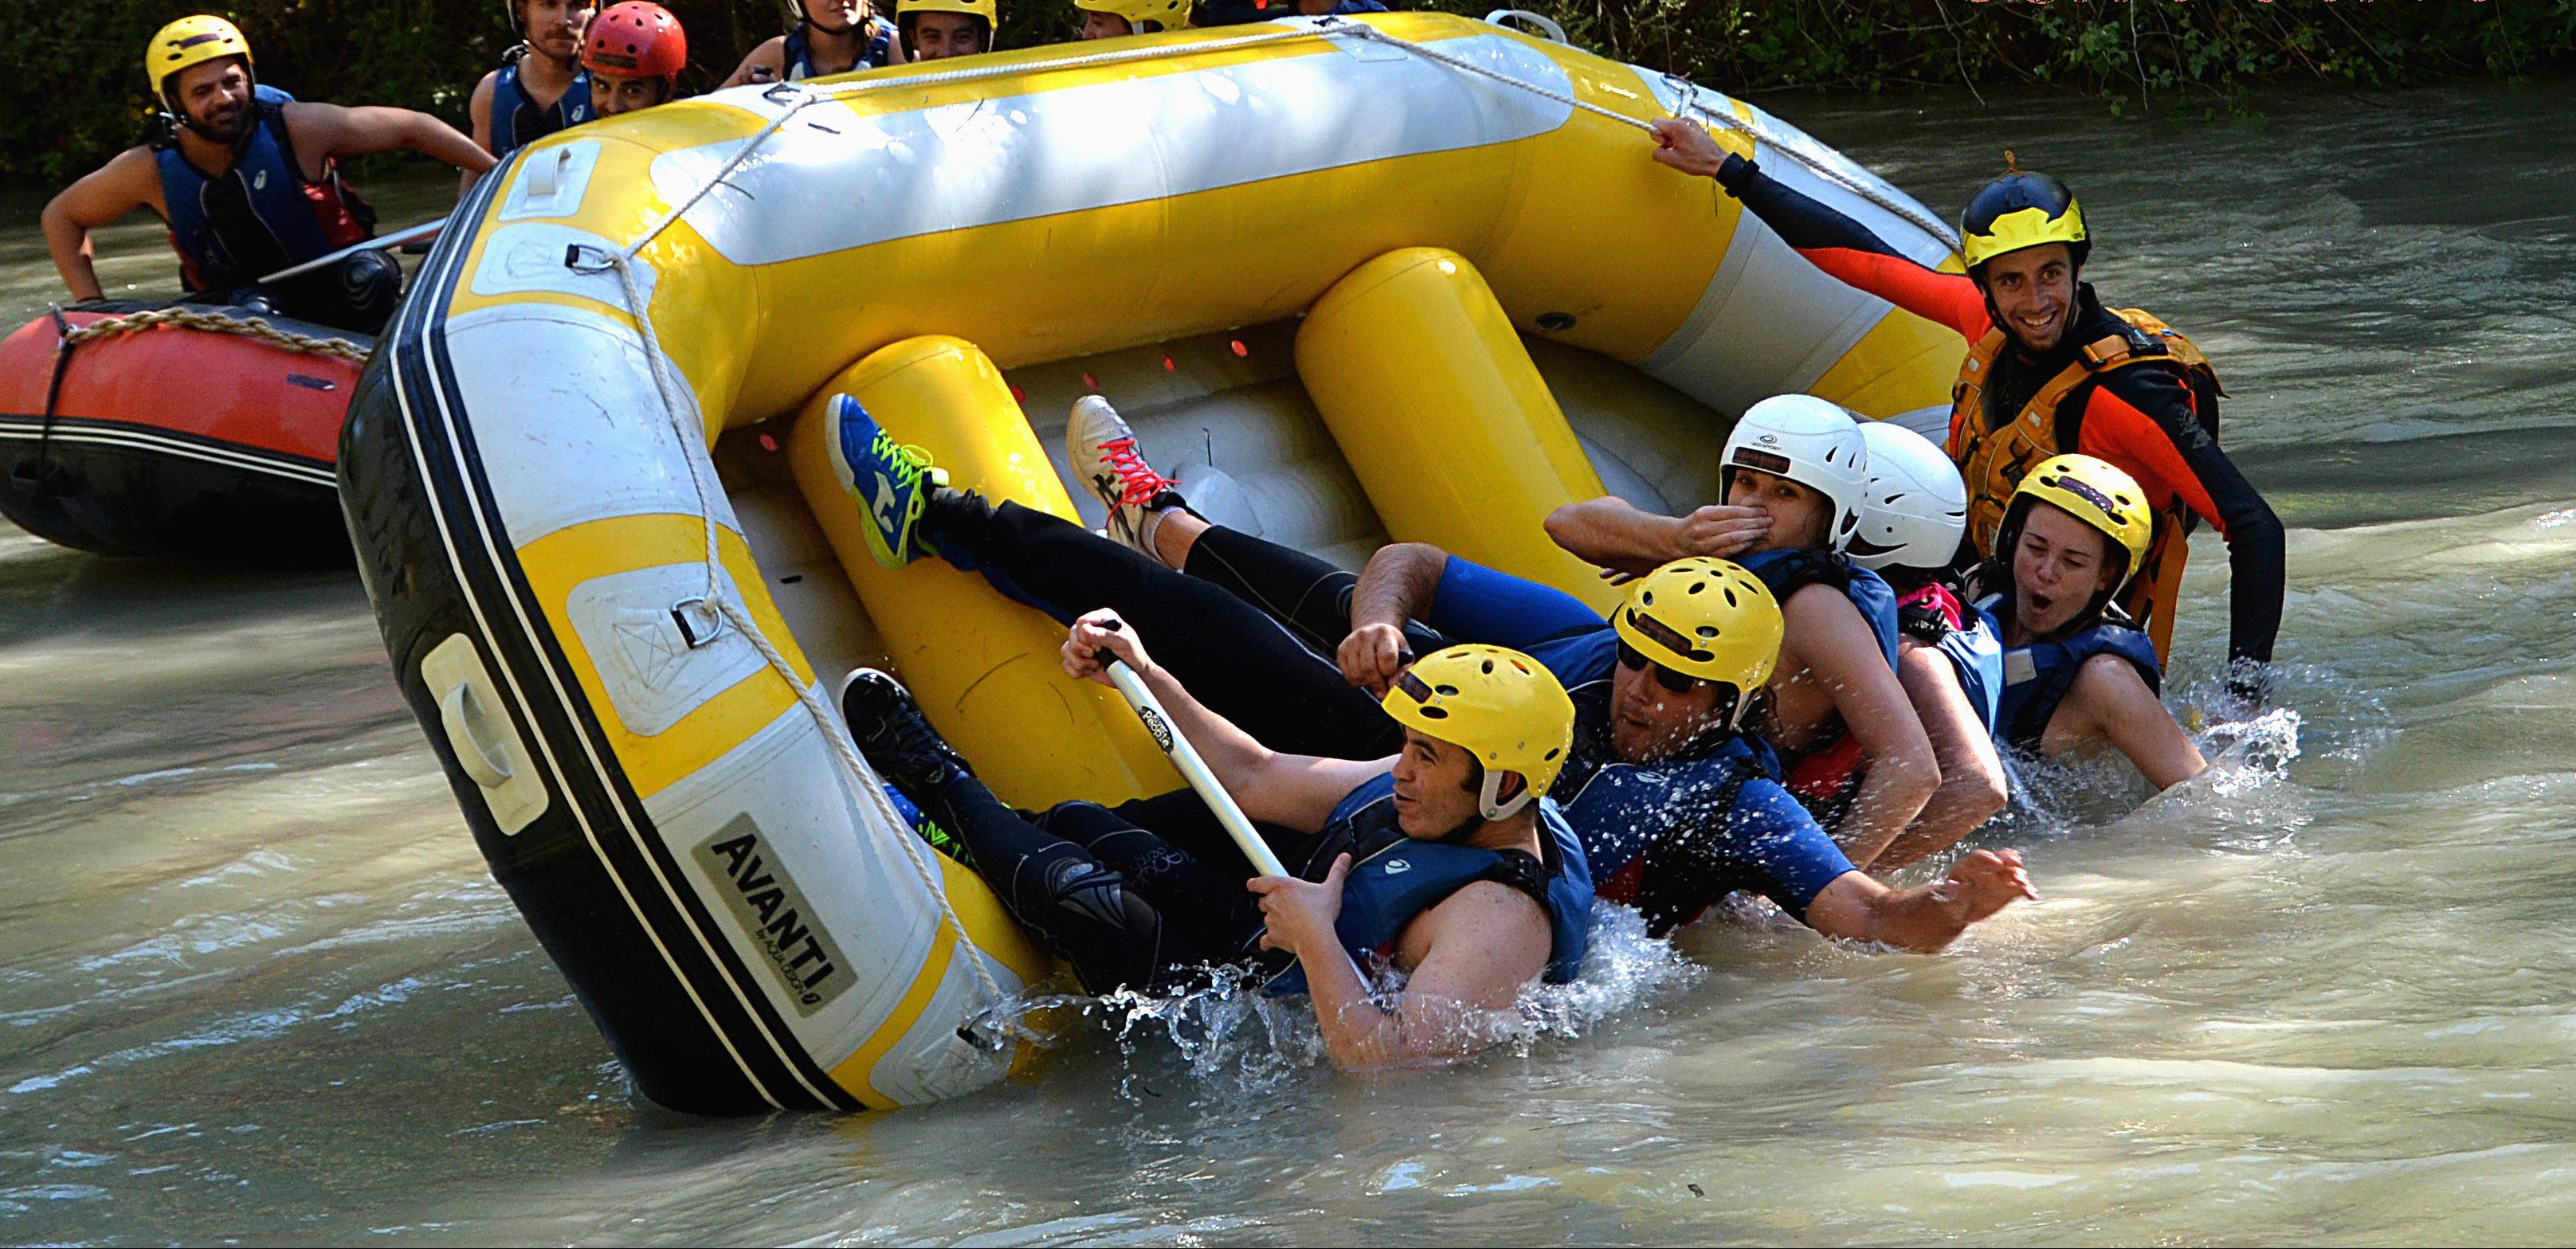 Grupo de amigos disfrutando de una jornada de rafting